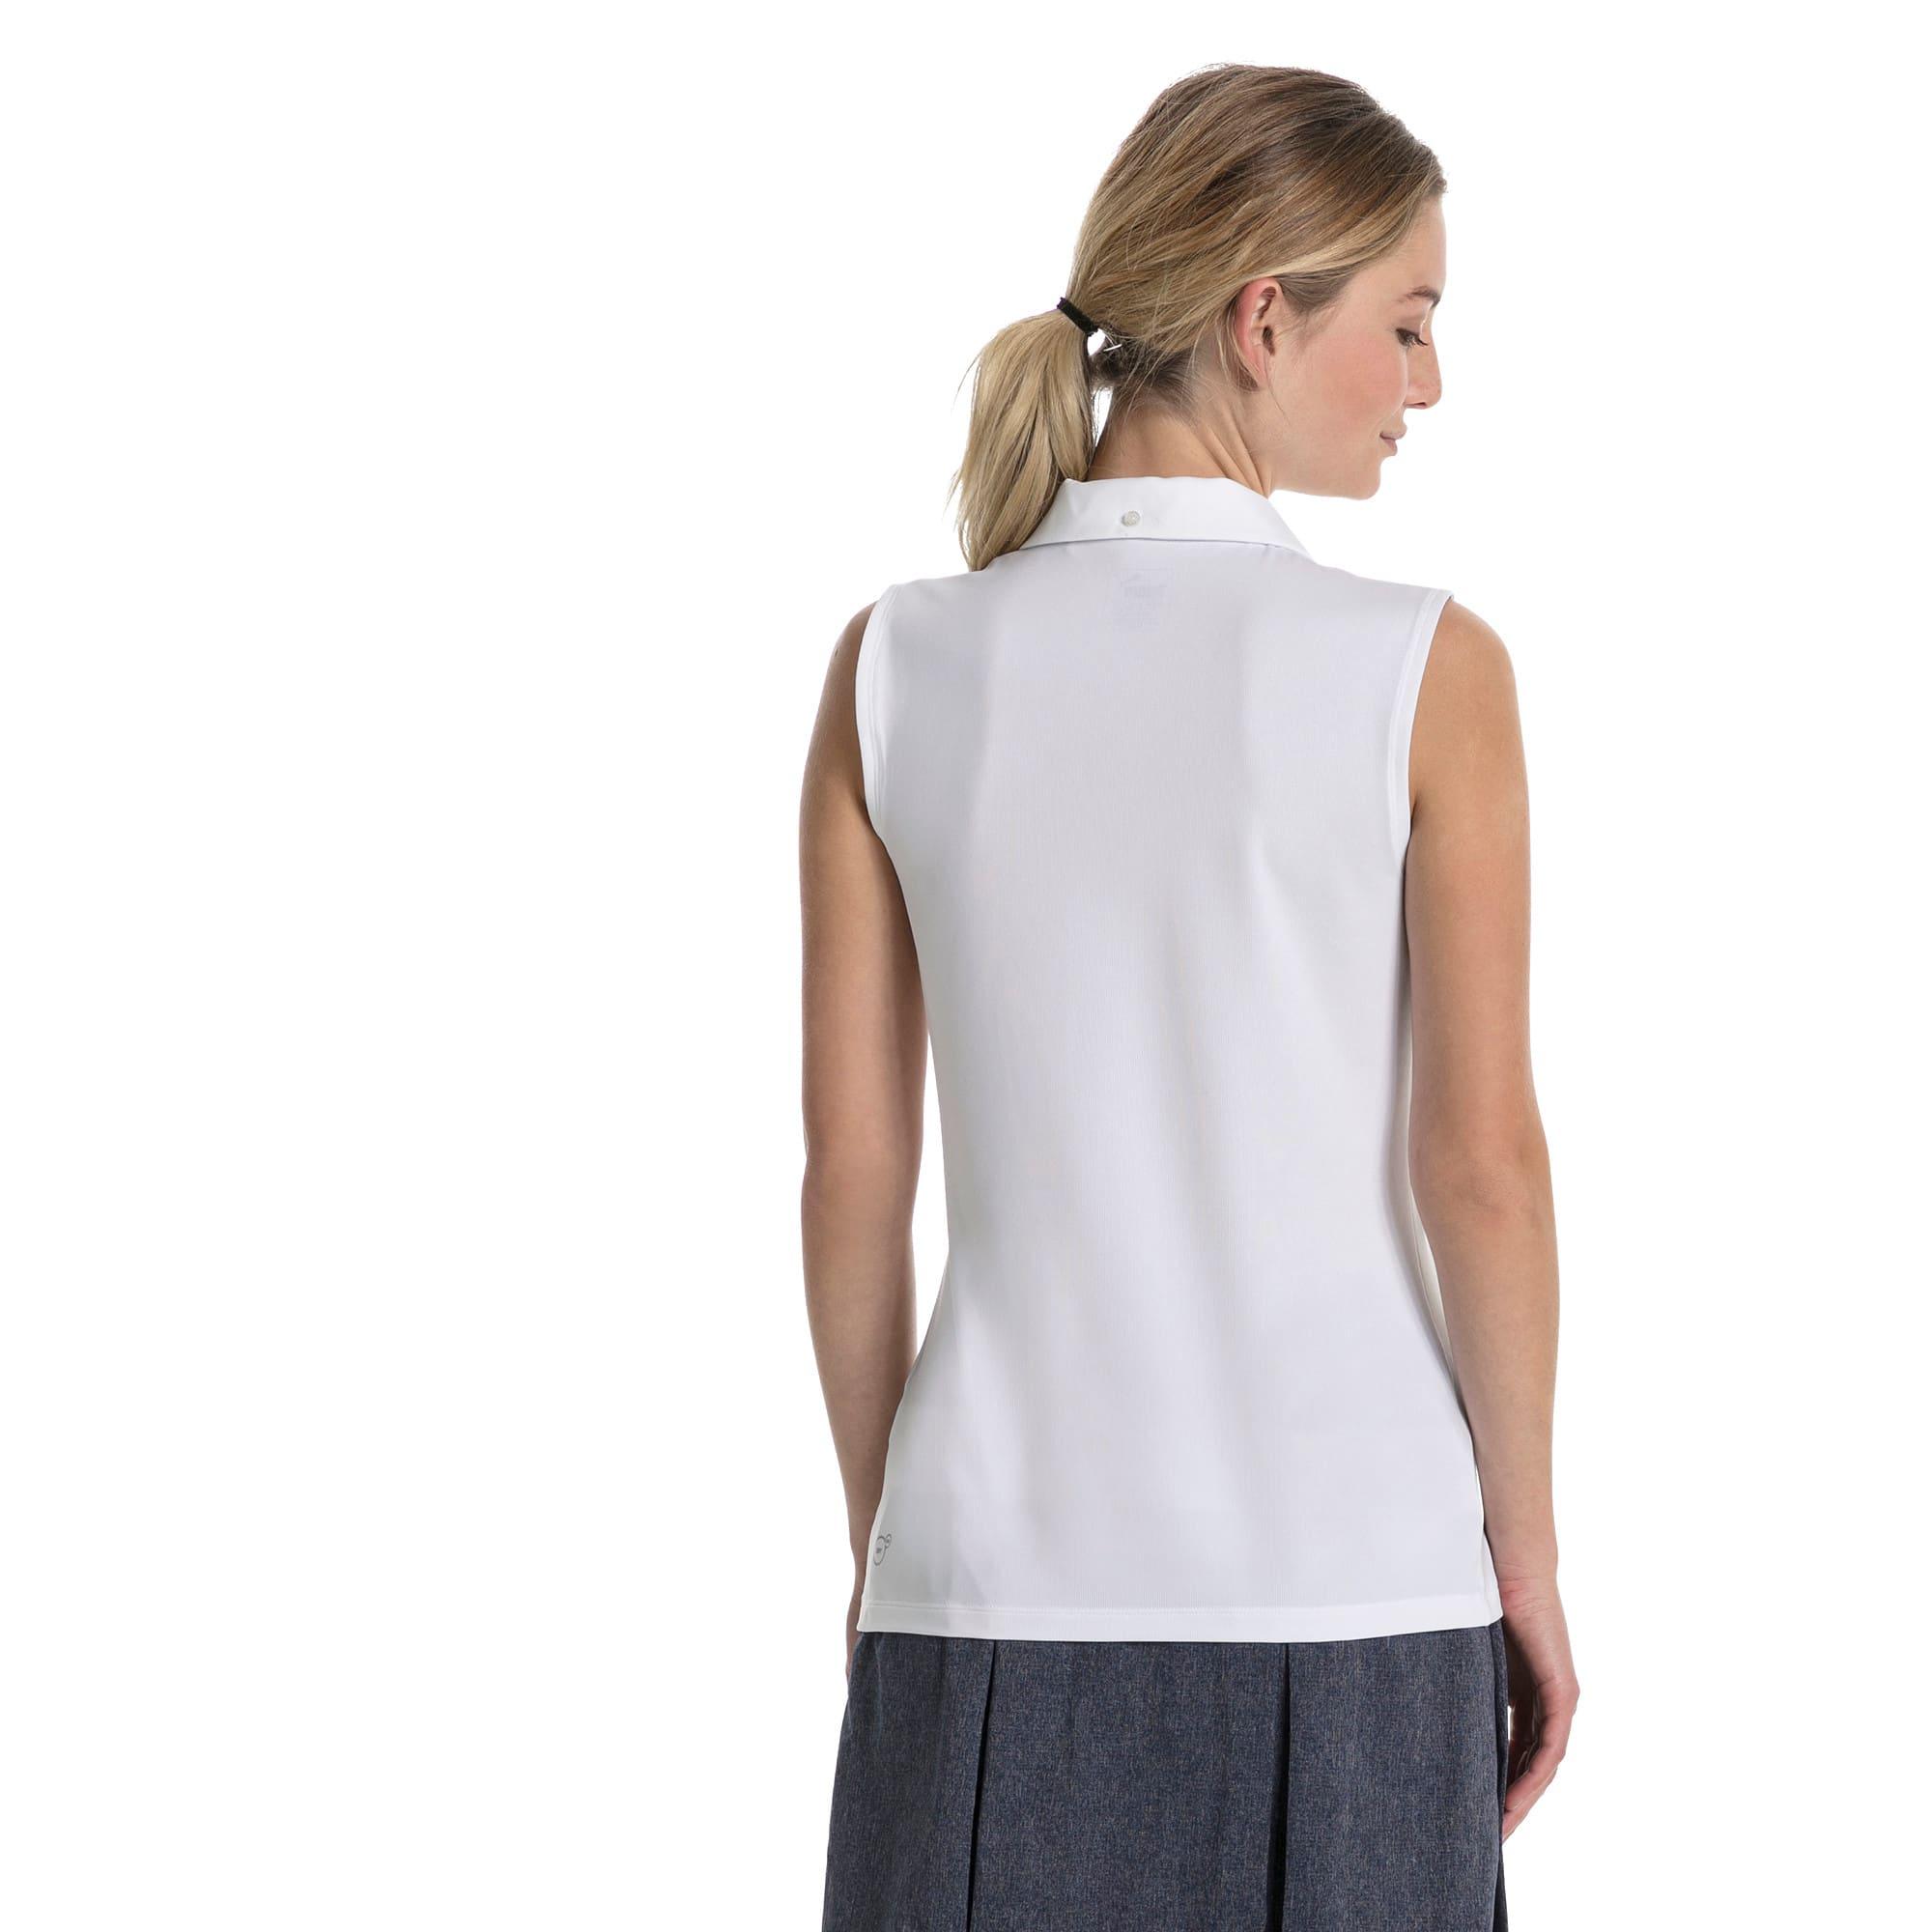 Thumbnail 2 of Golf Women's Pounce Sleeveless Polo, Bright White, medium